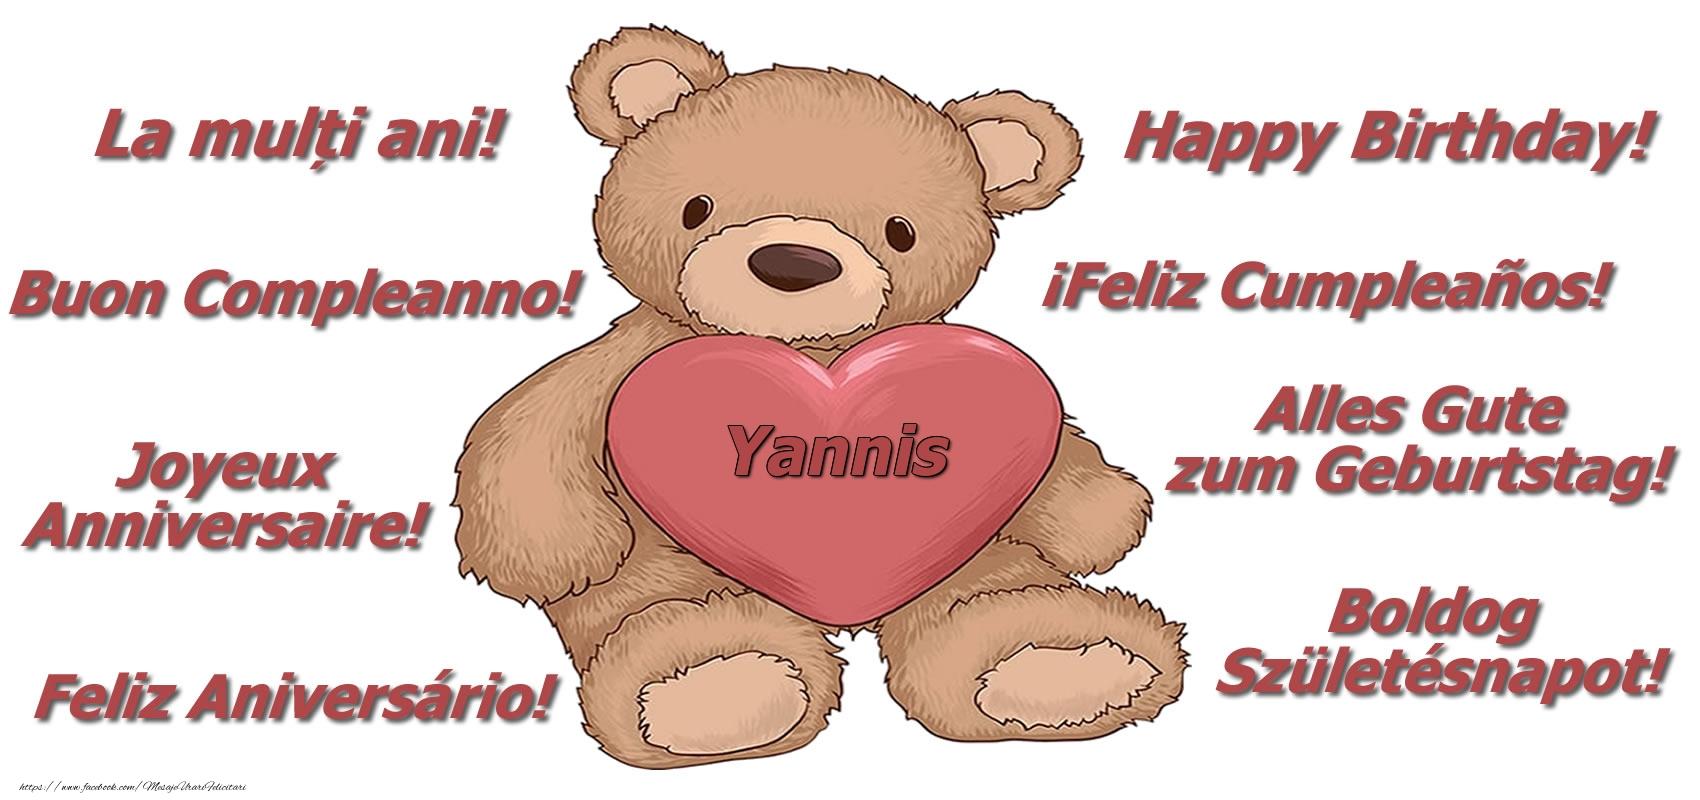 Felicitari de zi de nastere - La multi ani Yannis! - Ursulet